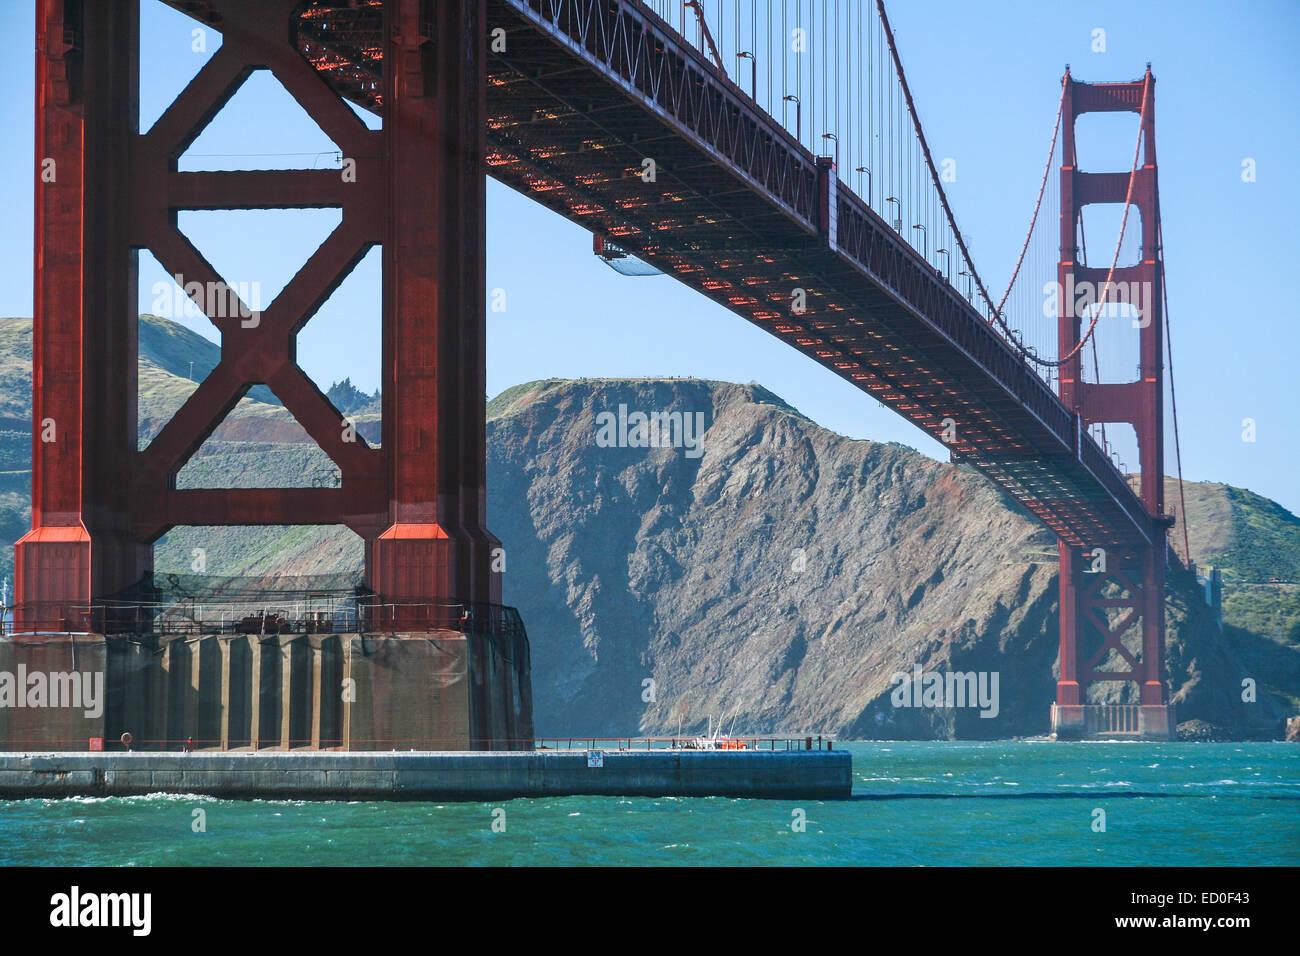 Stati Uniti, California, San Francisco, basso angolo vista del Golden Gate Bridge Immagini Stock